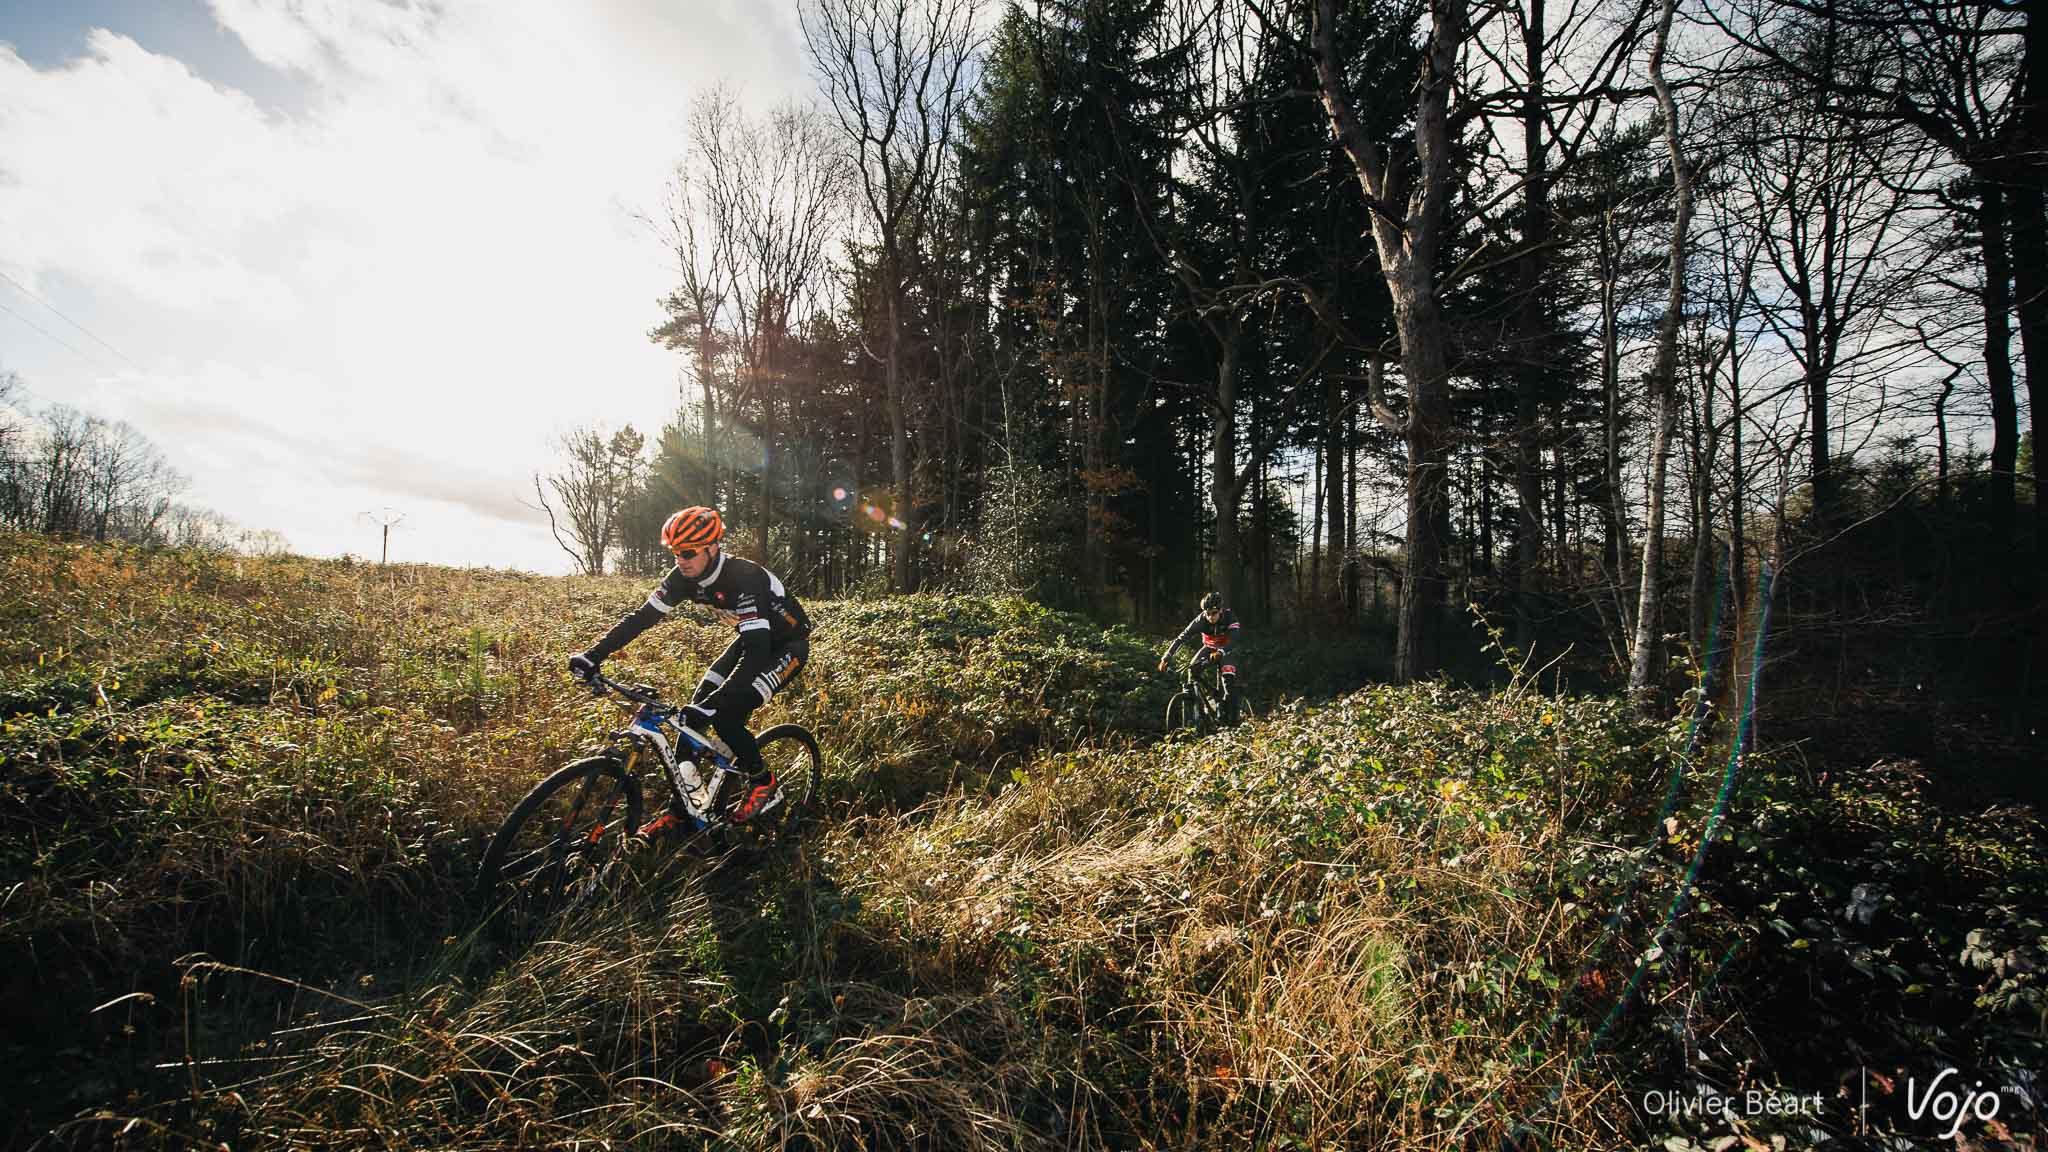 XTerra_Belgium_Namur_parcours_reconnaissance_Copyright_OBeart_VojoMag-20